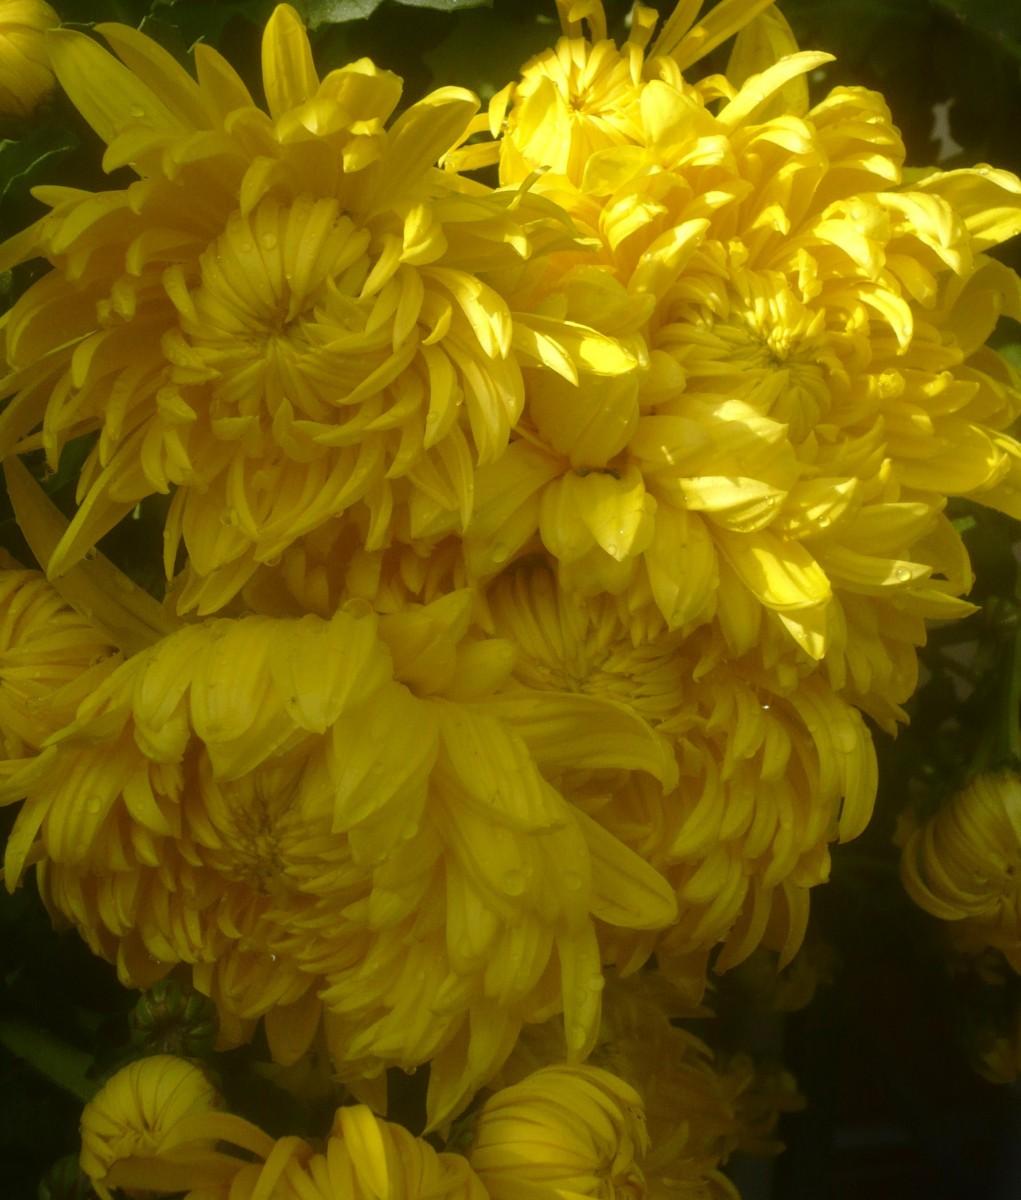 mort-dune-fleur-013-1600x1200.JPG